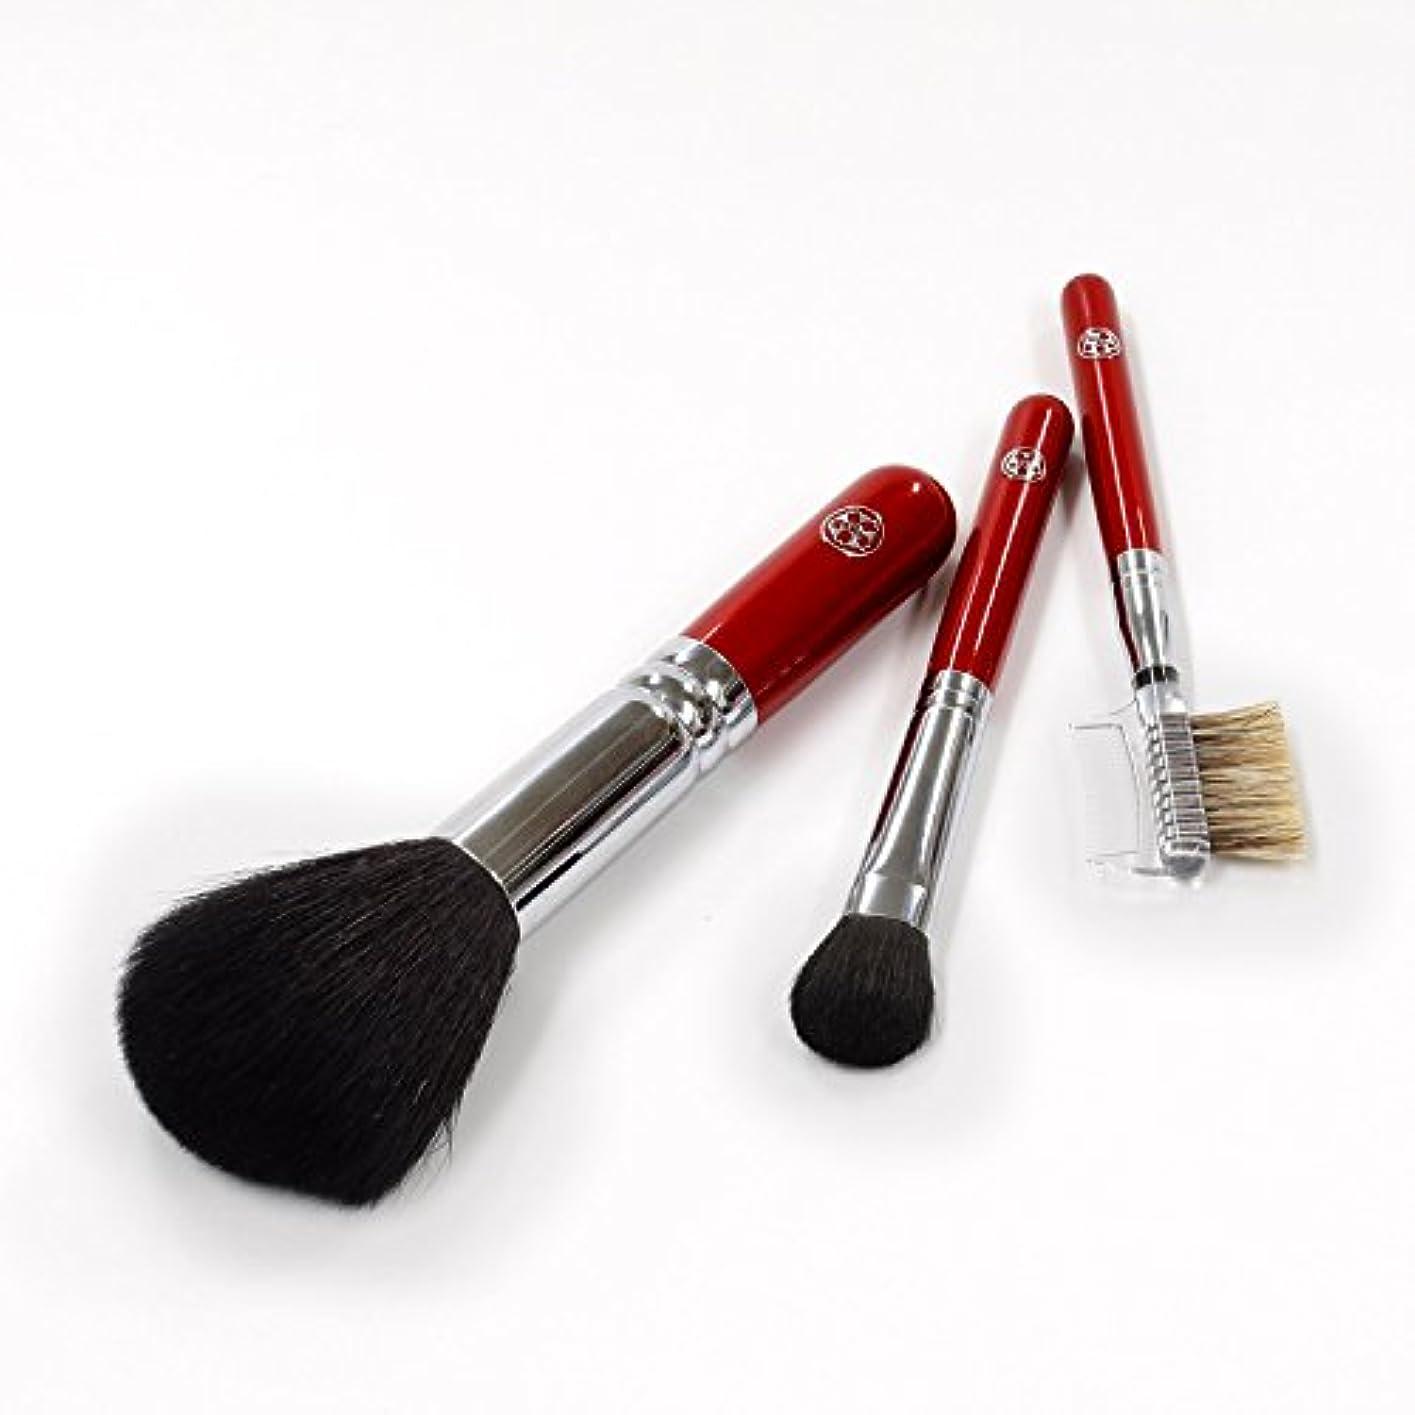 分注する満州部族ARRS-S3さくら筆 まずはこの3本から 基本の化粧筆 3本セット パウダー アイシャドー ブラシ&コーム 六角館さくら堂 ロゴ入り 女性の手になじみやすい赤軸ショートタイプ 熊野筆